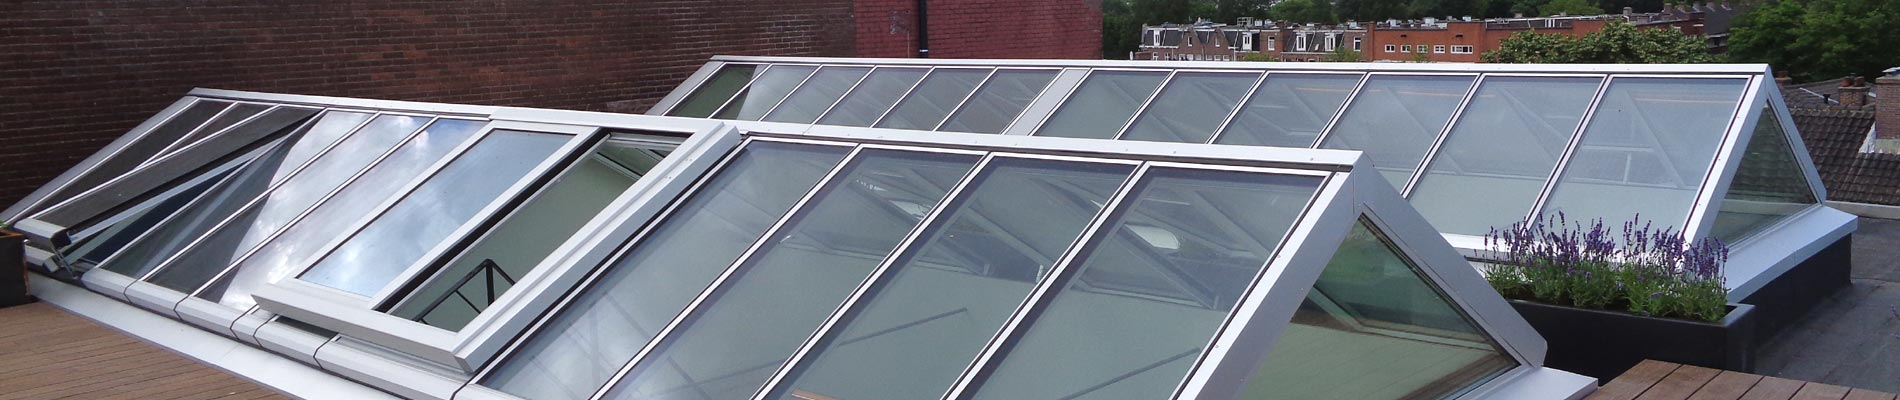 Zwei Satteldächer mit Ausstieg auf einer Dachterasse